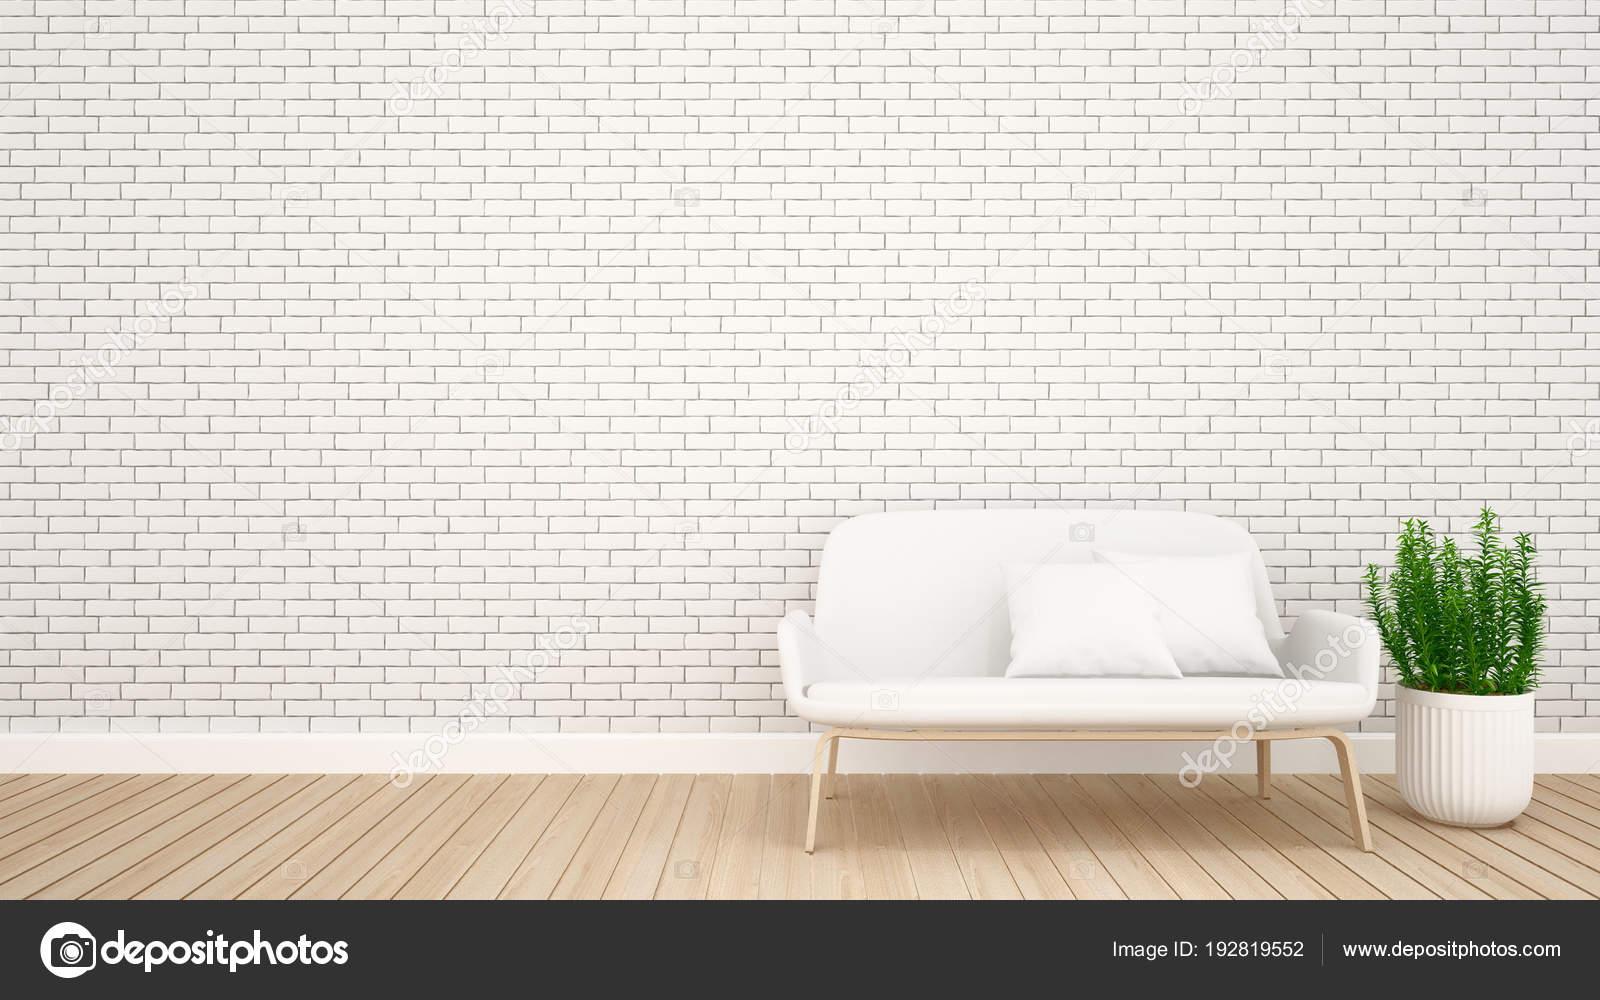 Wohnzimmer Ziegel Dekoration In Wohnung Oder Hotel   Interior Design   3d  Rendering U2014 Stockfoto